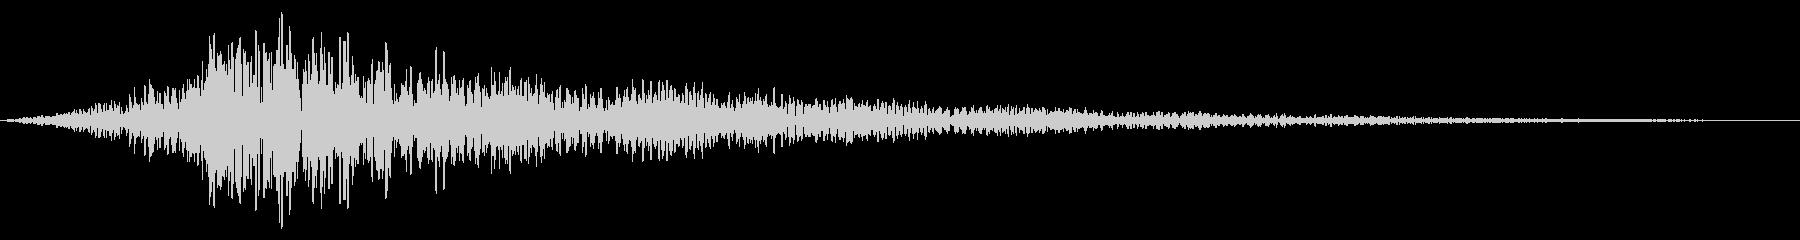 ホラー系アタック音137の未再生の波形